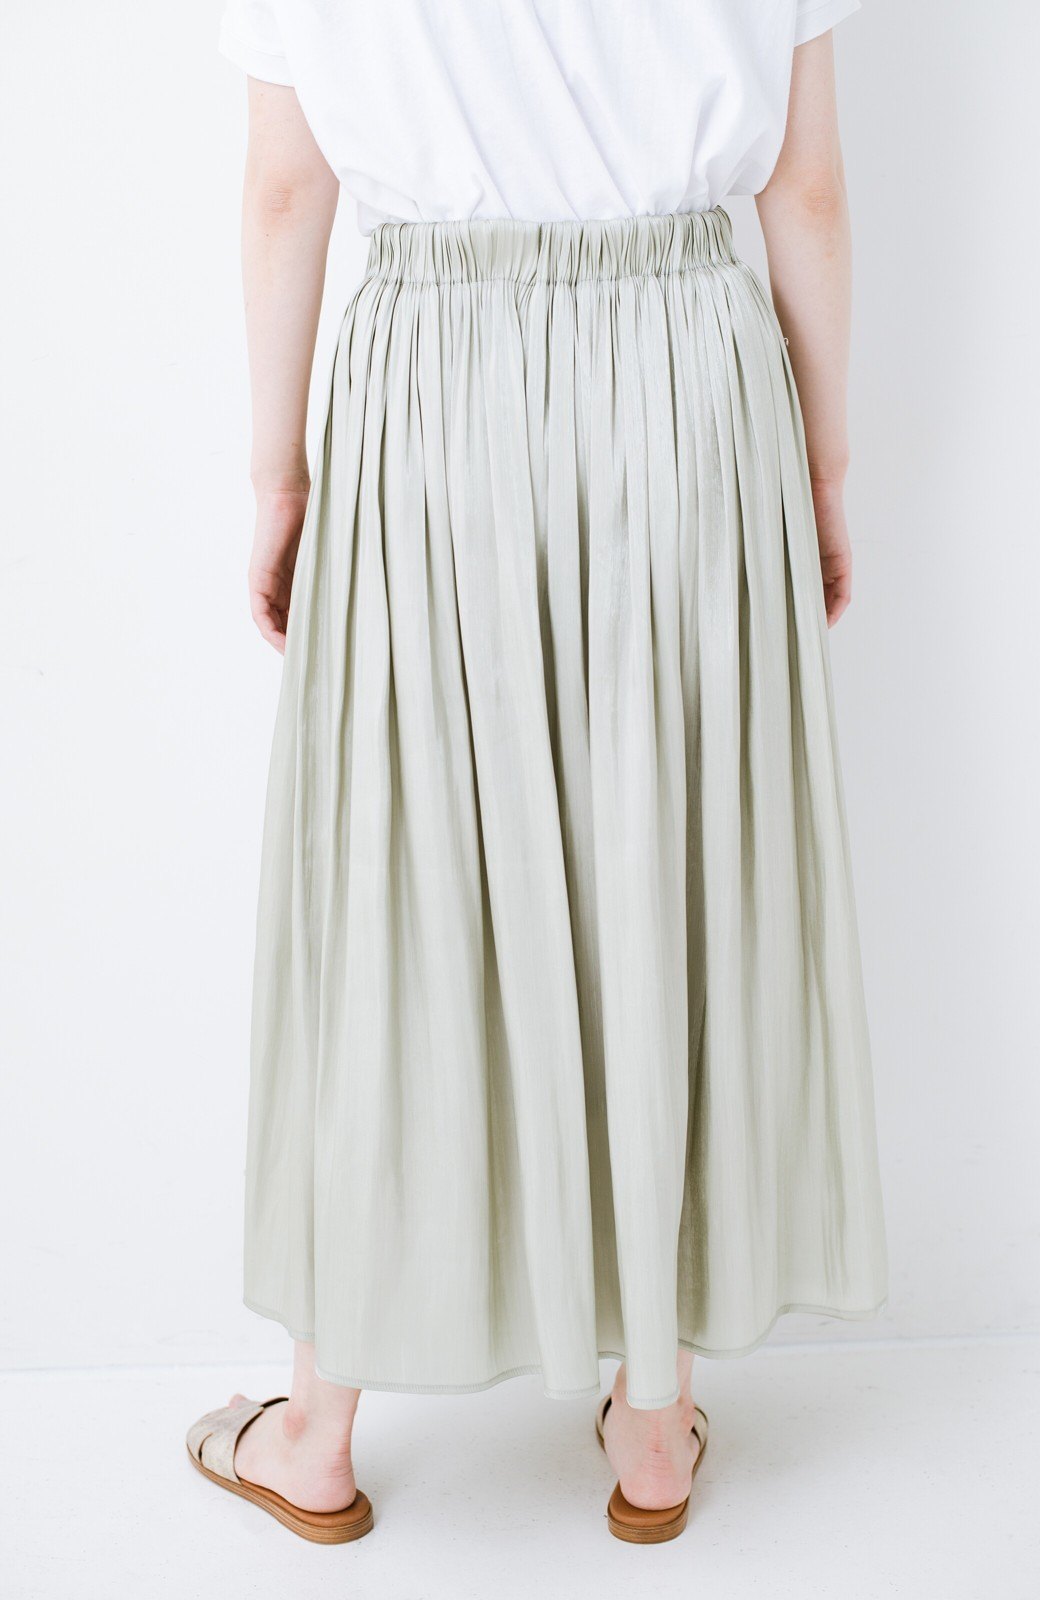 haco! 【再入荷】1枚でも重ね着にも便利なキラキラ素材がかわいいロングスカート by laulea <グリーン>の商品写真10